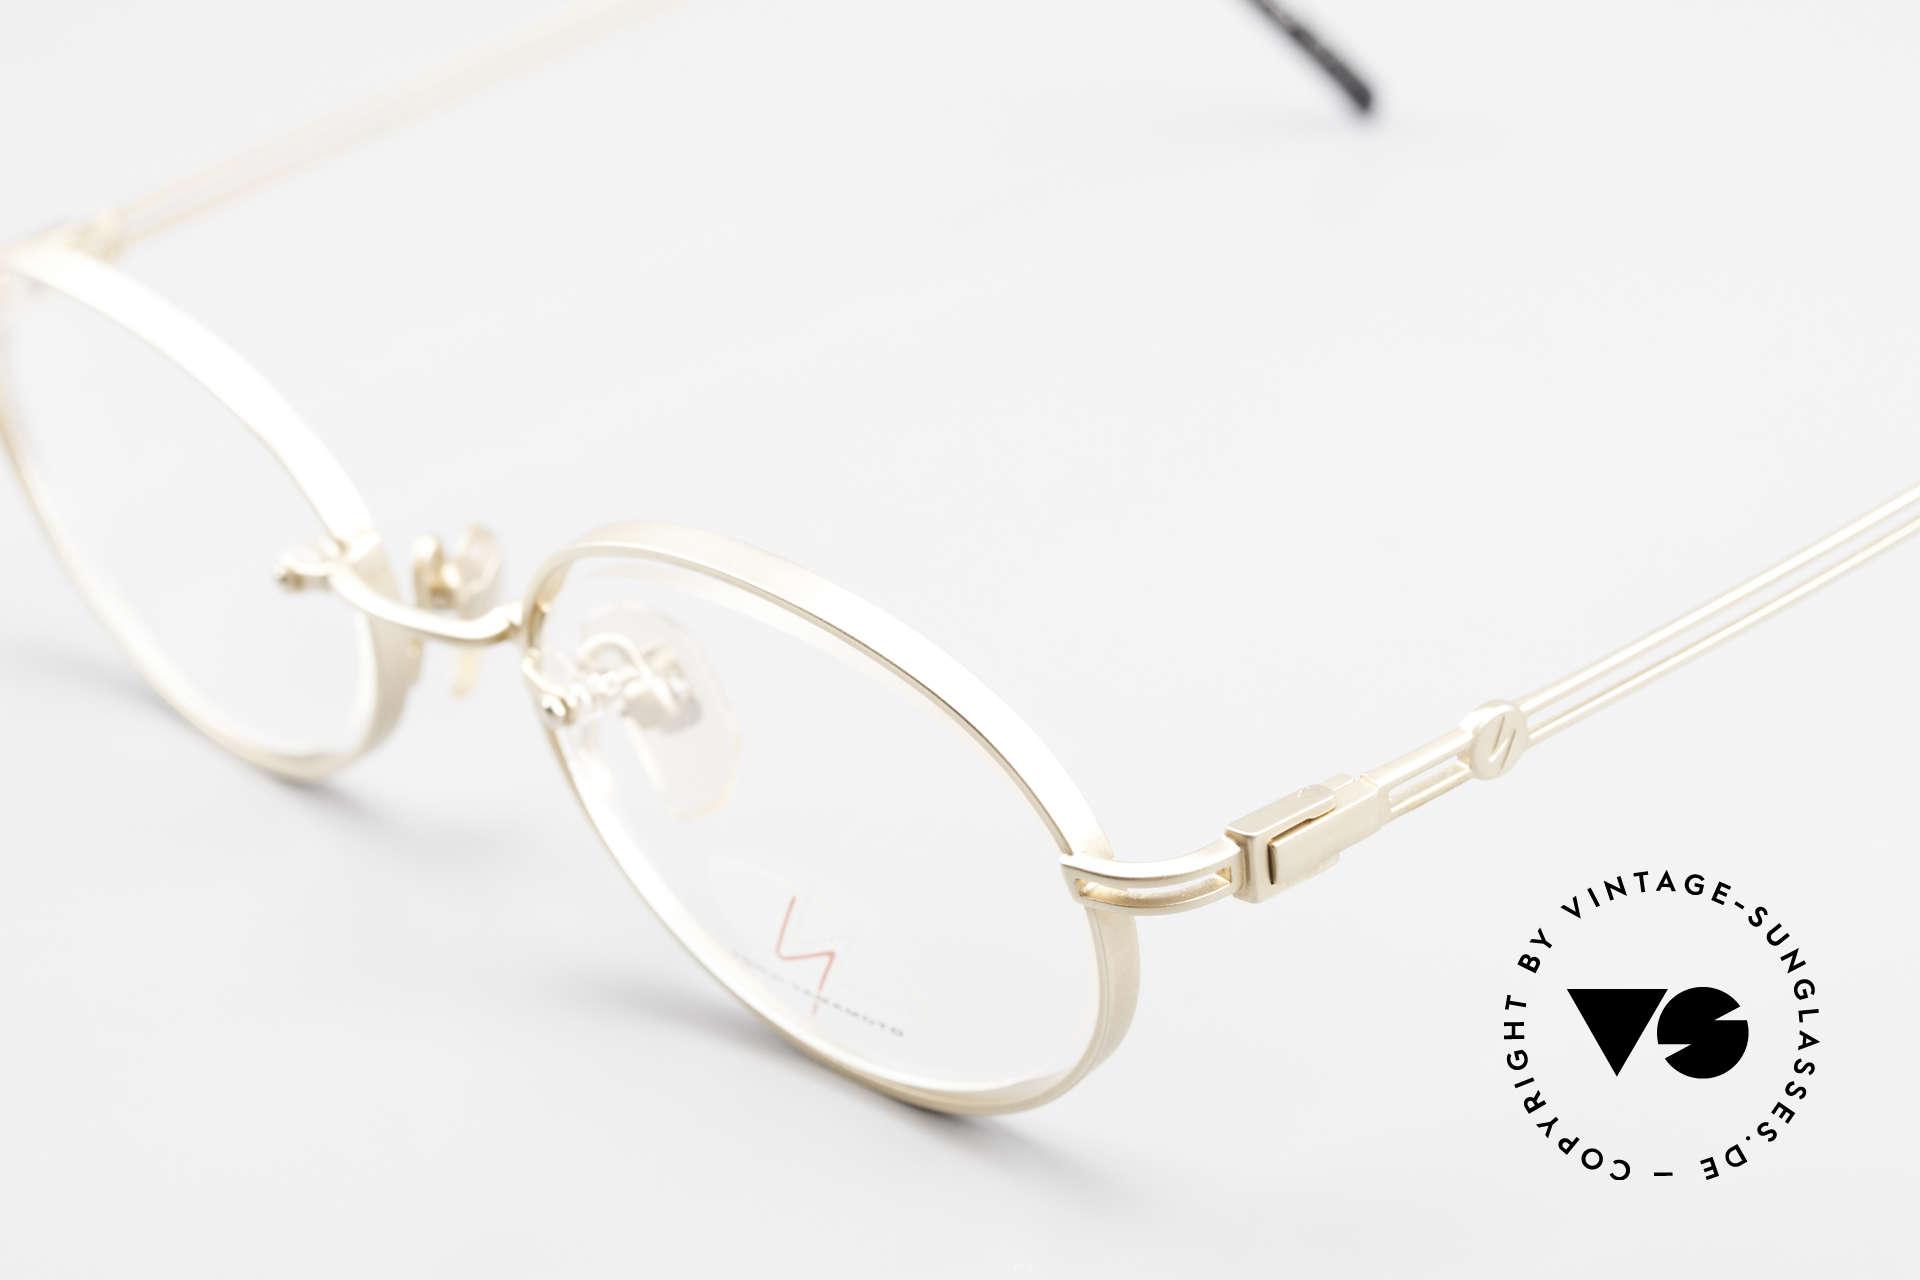 Yohji Yamamoto 51-5107 Designerbrille Oval Vergoldet, ungetragen (wie alle unsere vintage Designer-Brillen), Passend für Herren und Damen